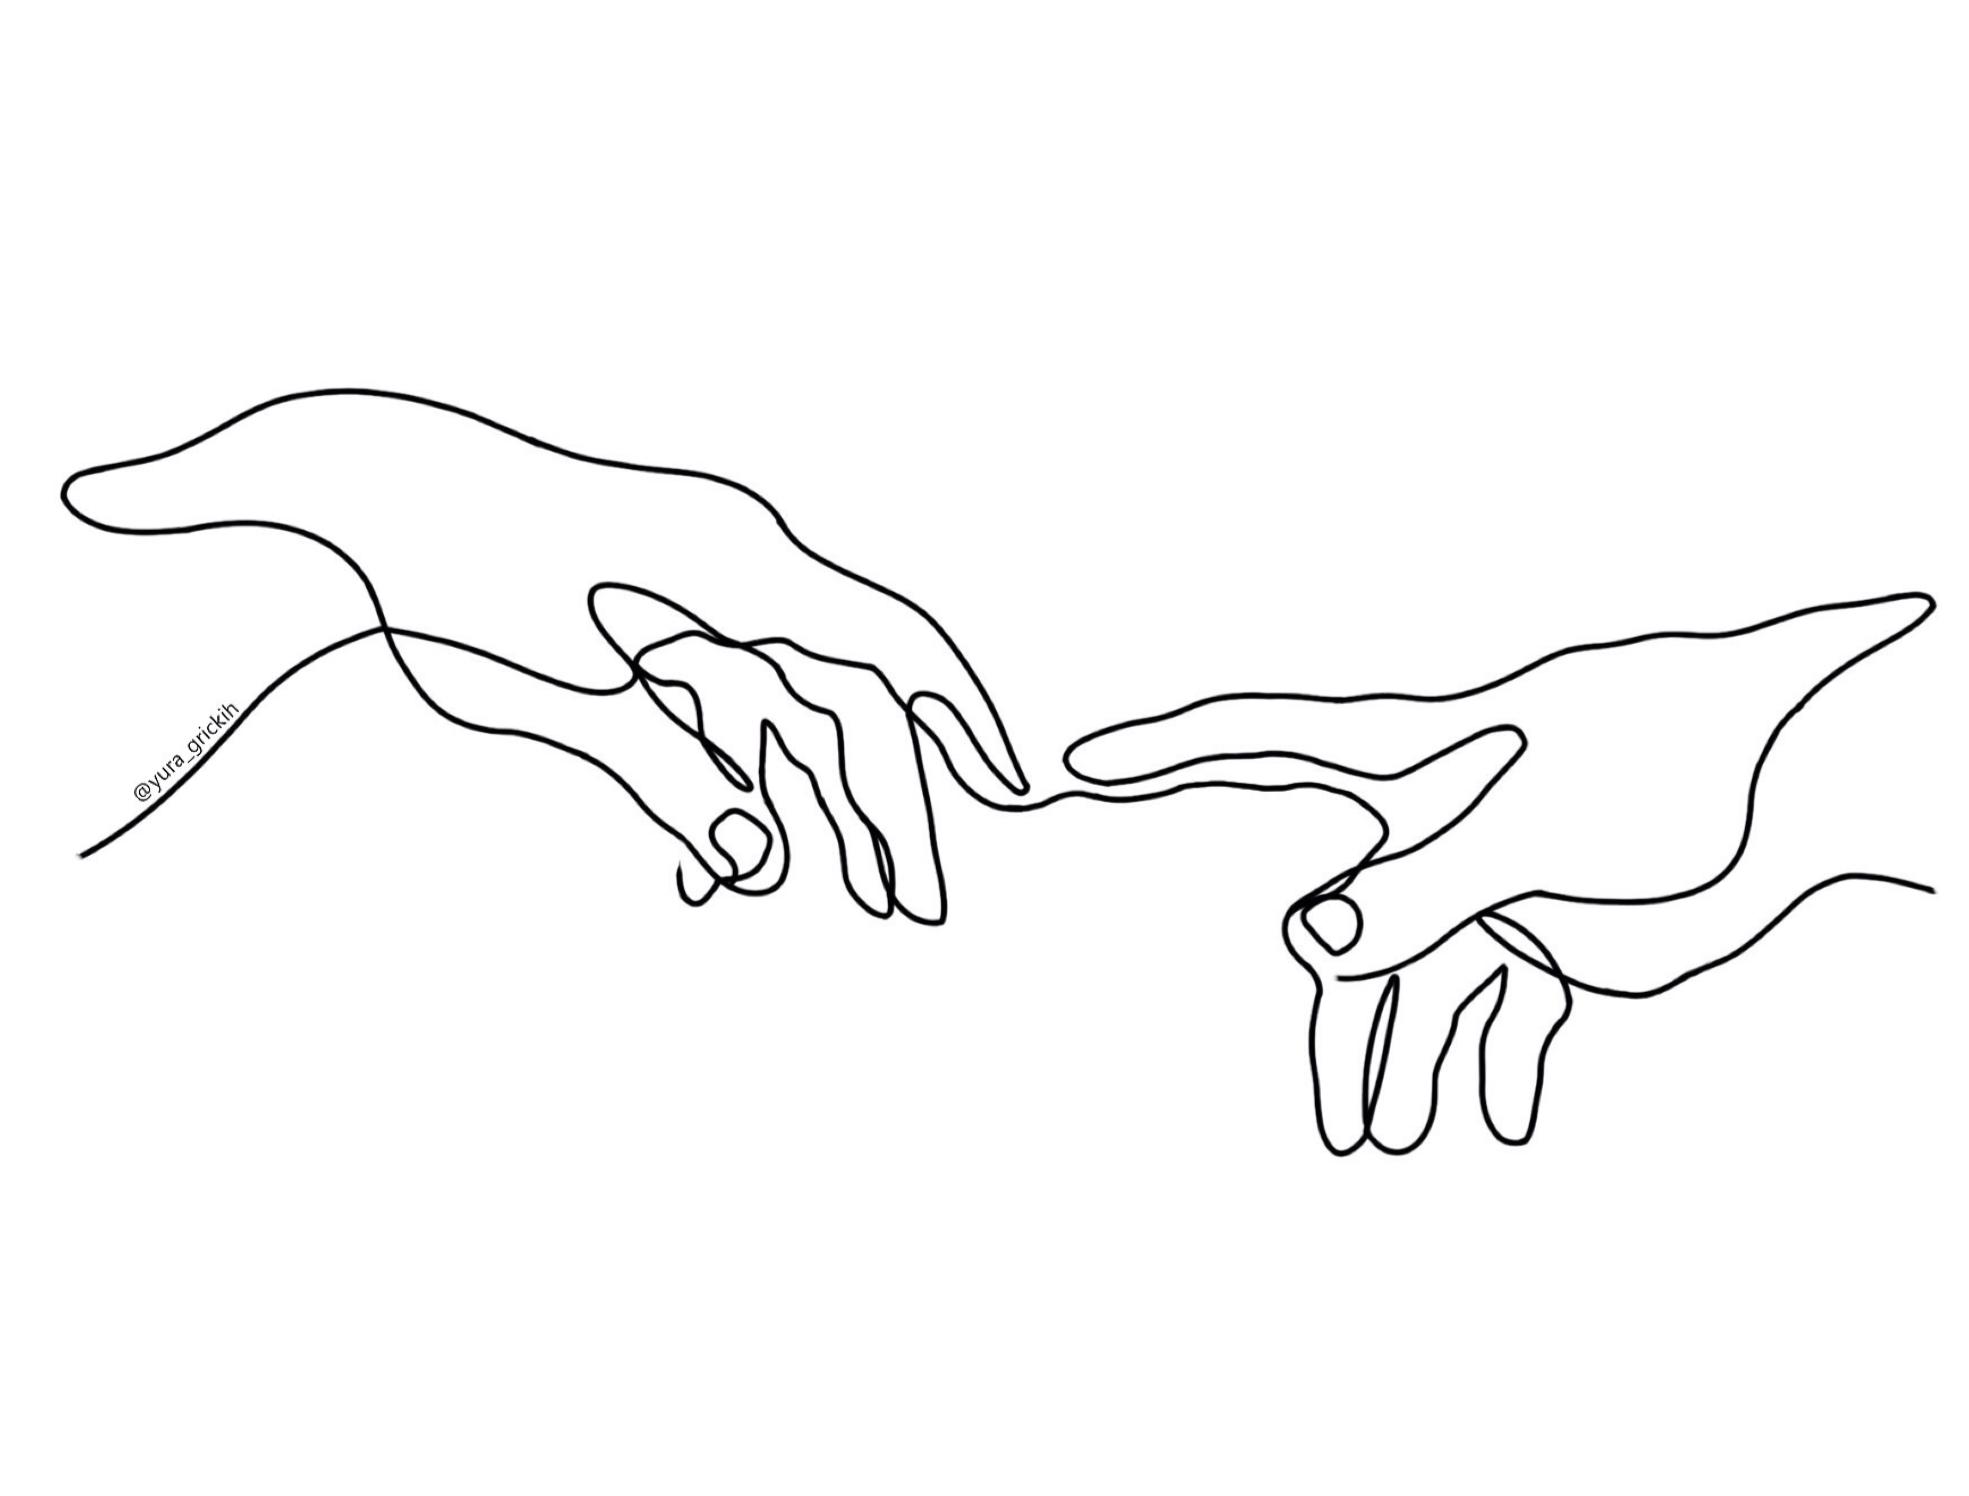 две руки тянутся друг к другу картинки черно белые самых модных